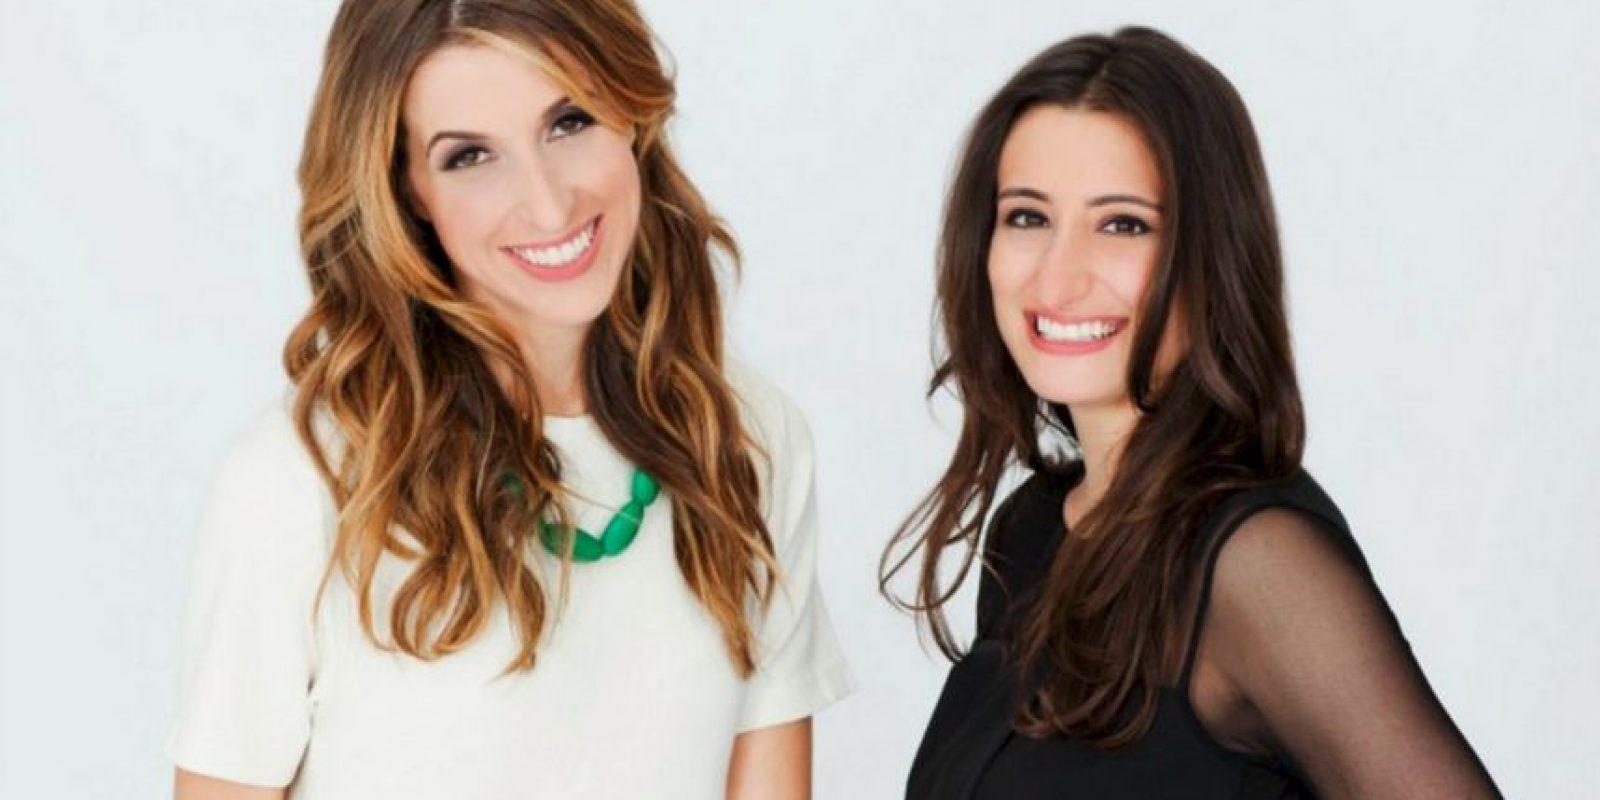 Katia Beauchamp y Hayley Barna fundaron Birchbox, empresa con la que innovaron la idea de comprar cosméticos: por una cantidad de dinero, las clientas reciben varios cosméticos de muestra acordes con sus preferencias Foto:Vía mundoejecutivo.com